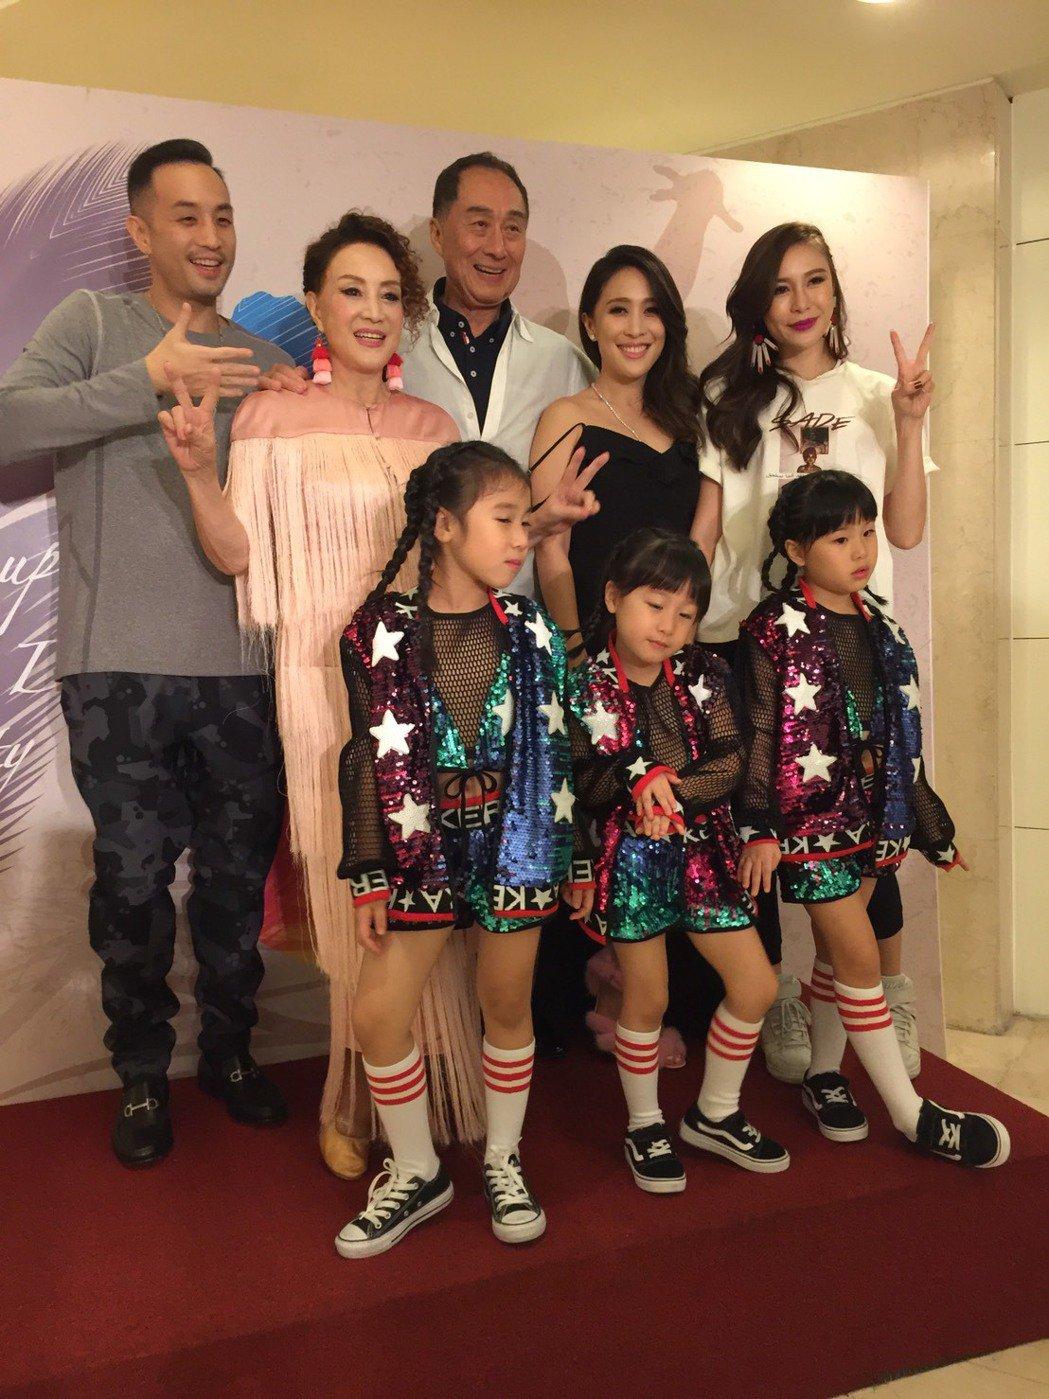 韓湘琴生日,和唐威結婚45週年,女兒唐可珊、兒子唐志中和老婆小咪帶2女兒、乾女兒...